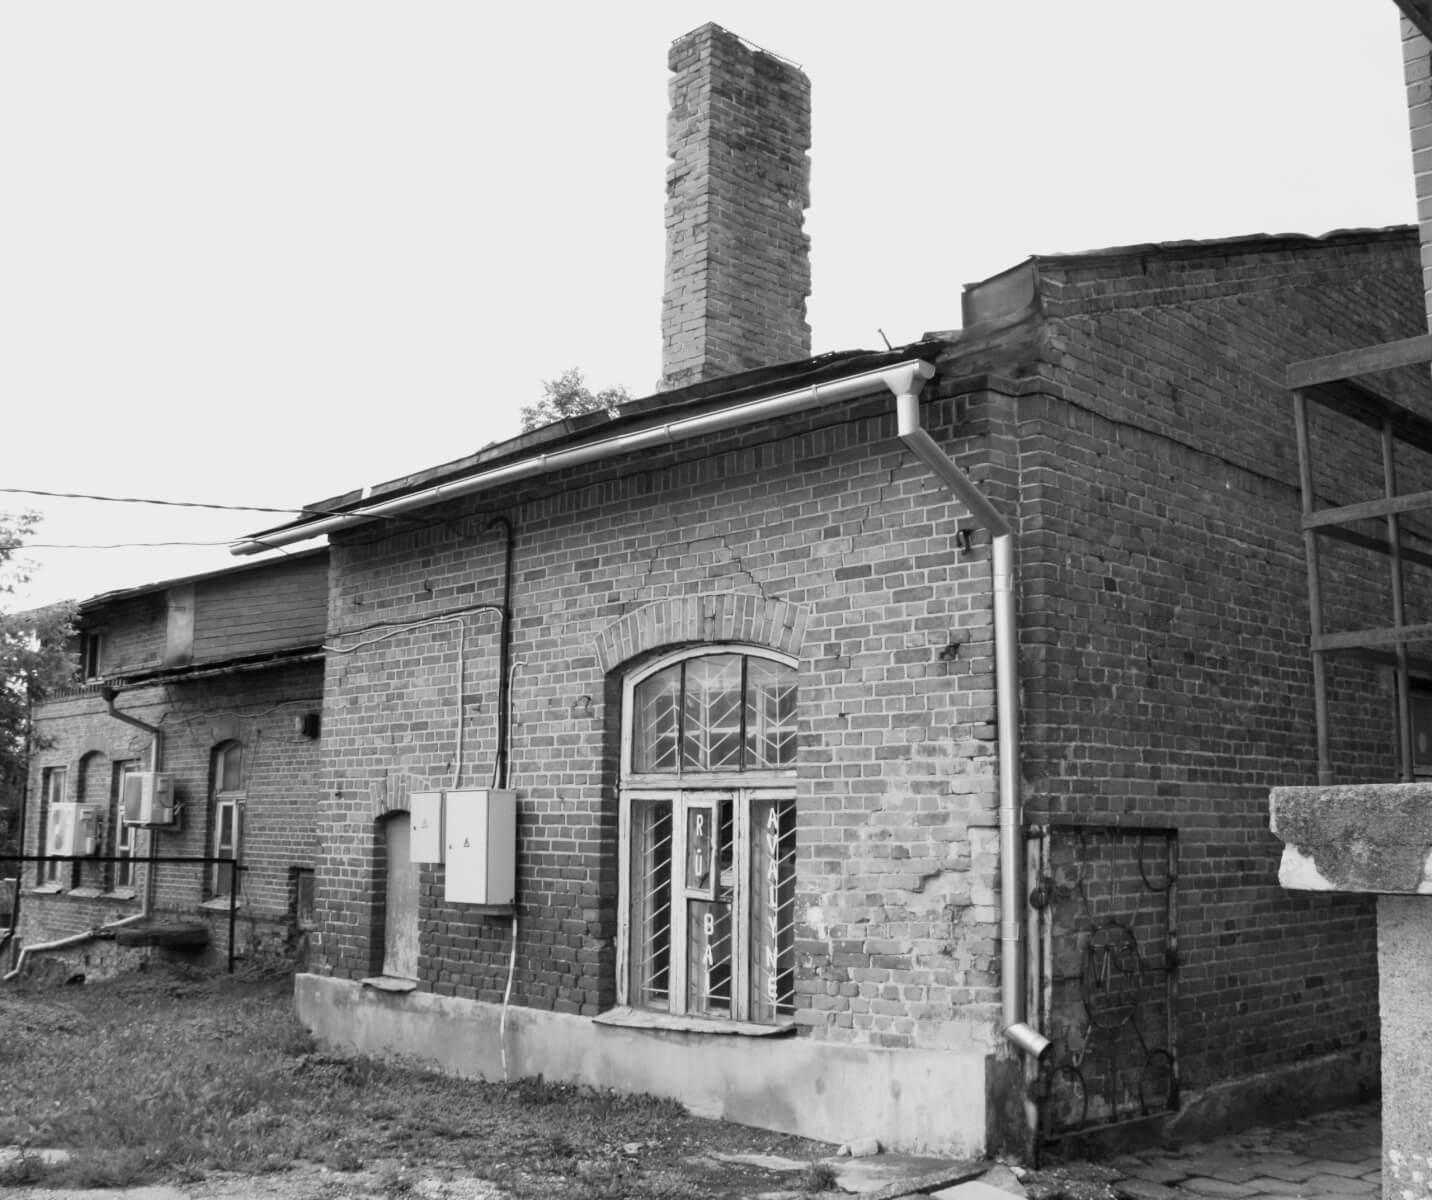 Pastatas, kuriame įsikūrę advokato Jono Algimanto Pakarklio kontora, Sandros gėlių studija, Kupiškio kebabai (iš kiemo pusės). Tai buvęs Kupiškio valsčiaus pastatas, statytas XIX a. 2021 m.